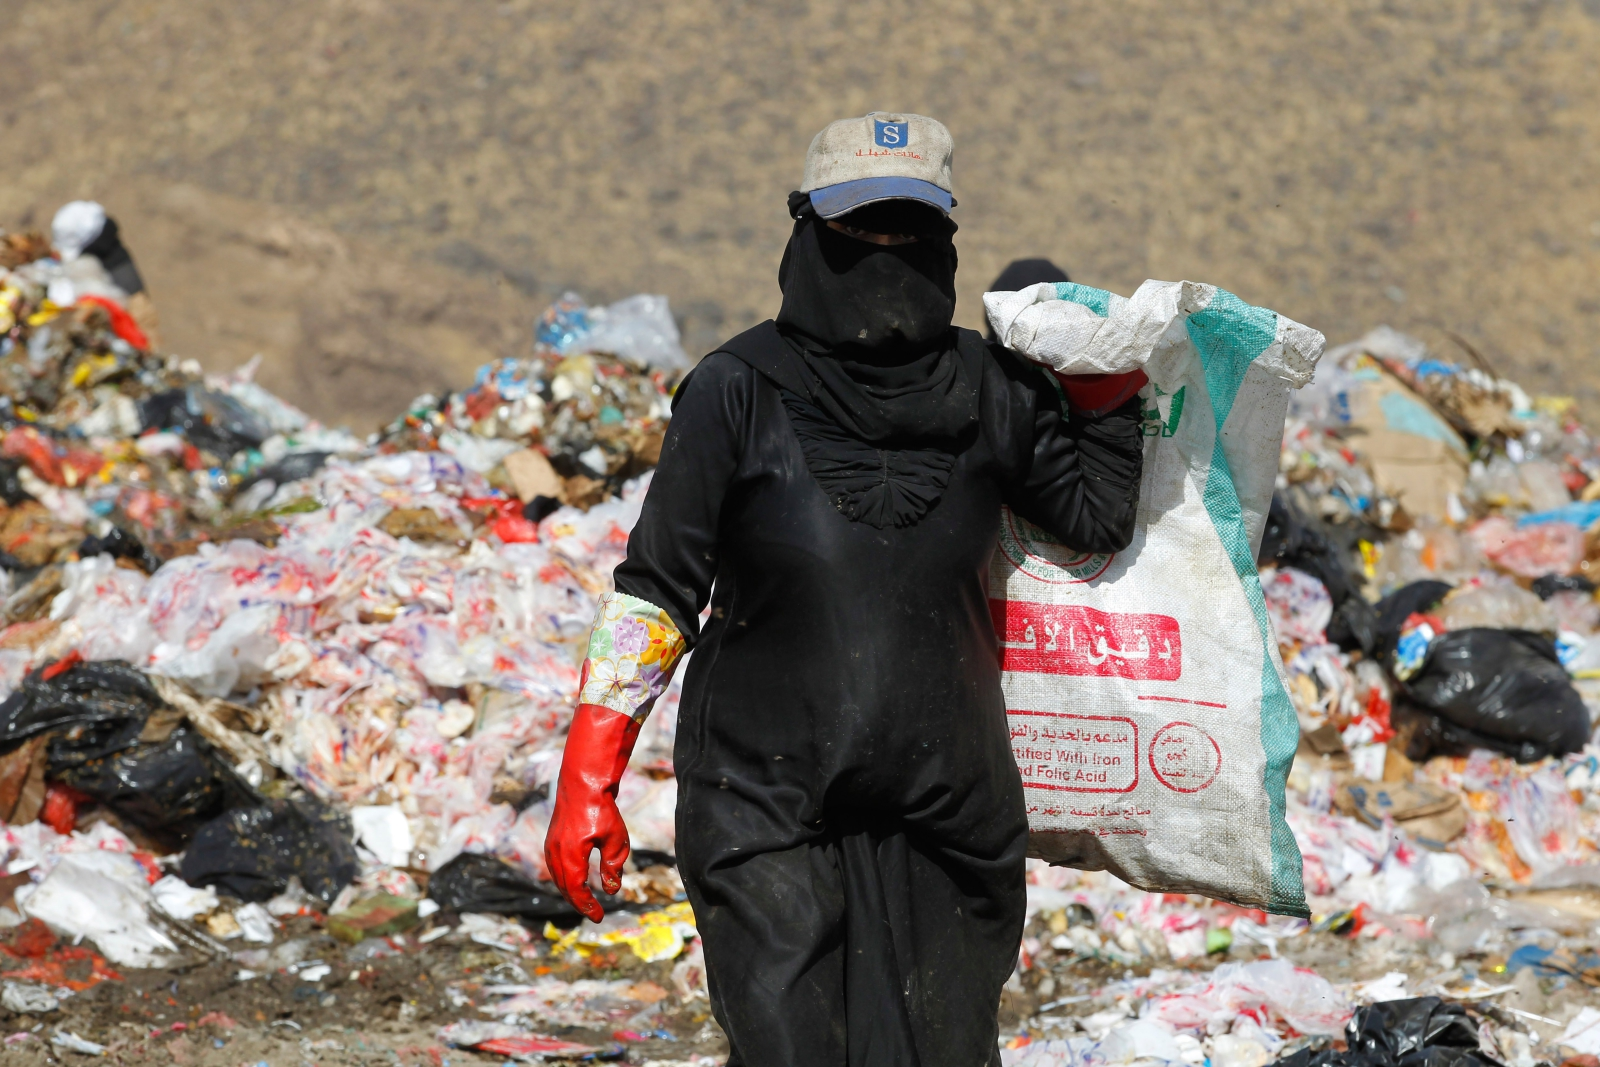 Jemeńska kobieta oczyszcza przedmioty nadające się do recyklingu na wysypisku śmieci na obrzeżach Sany, Jemen.